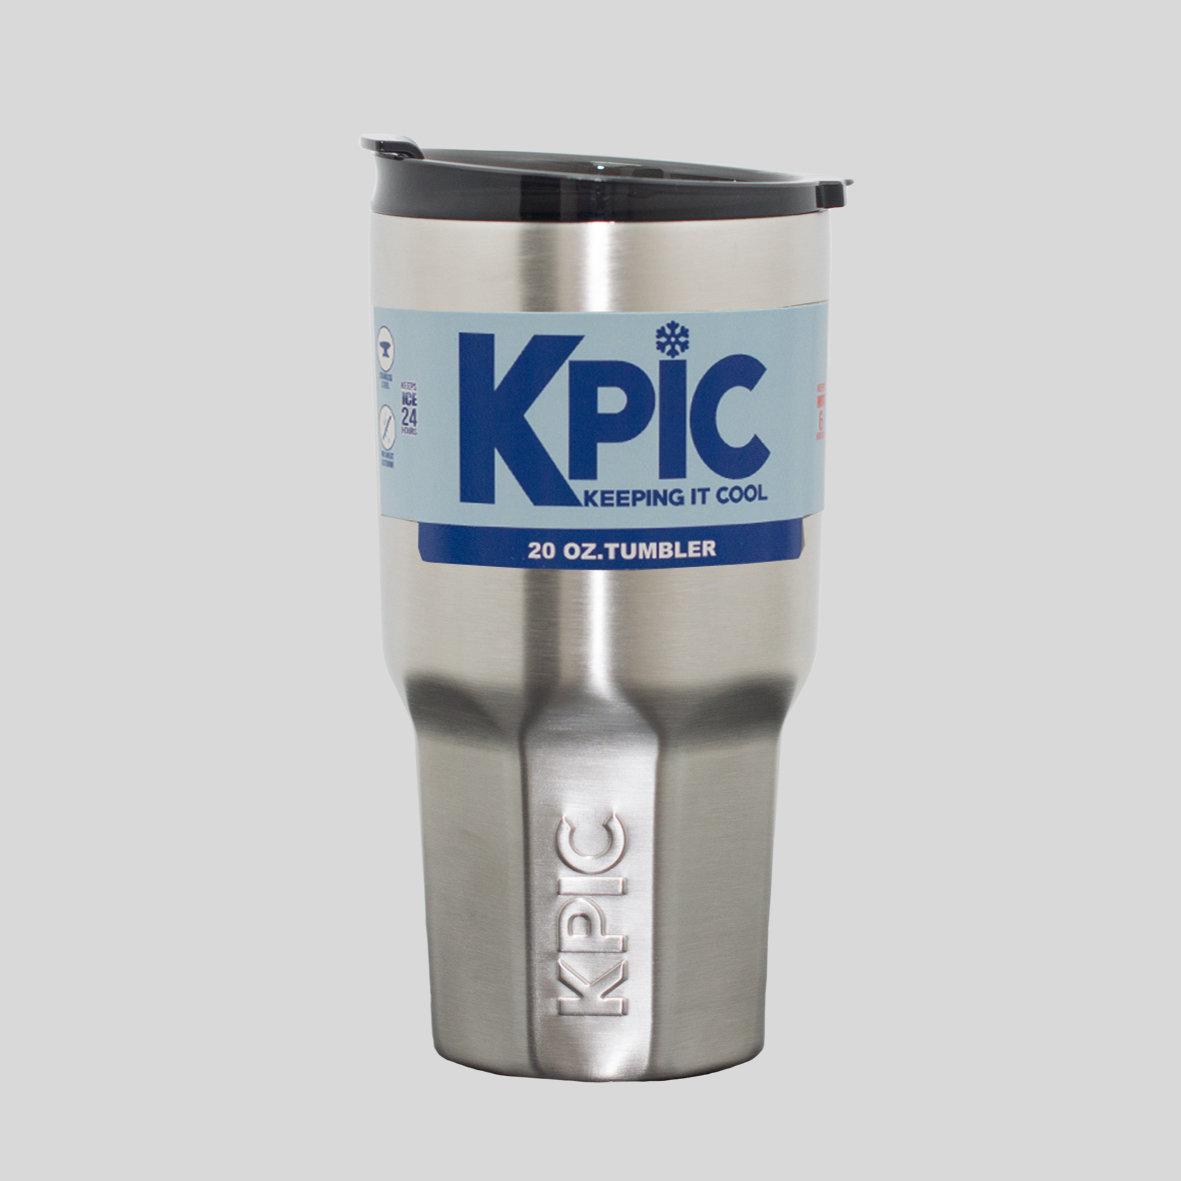 KPIC 20 oz. Tumbler